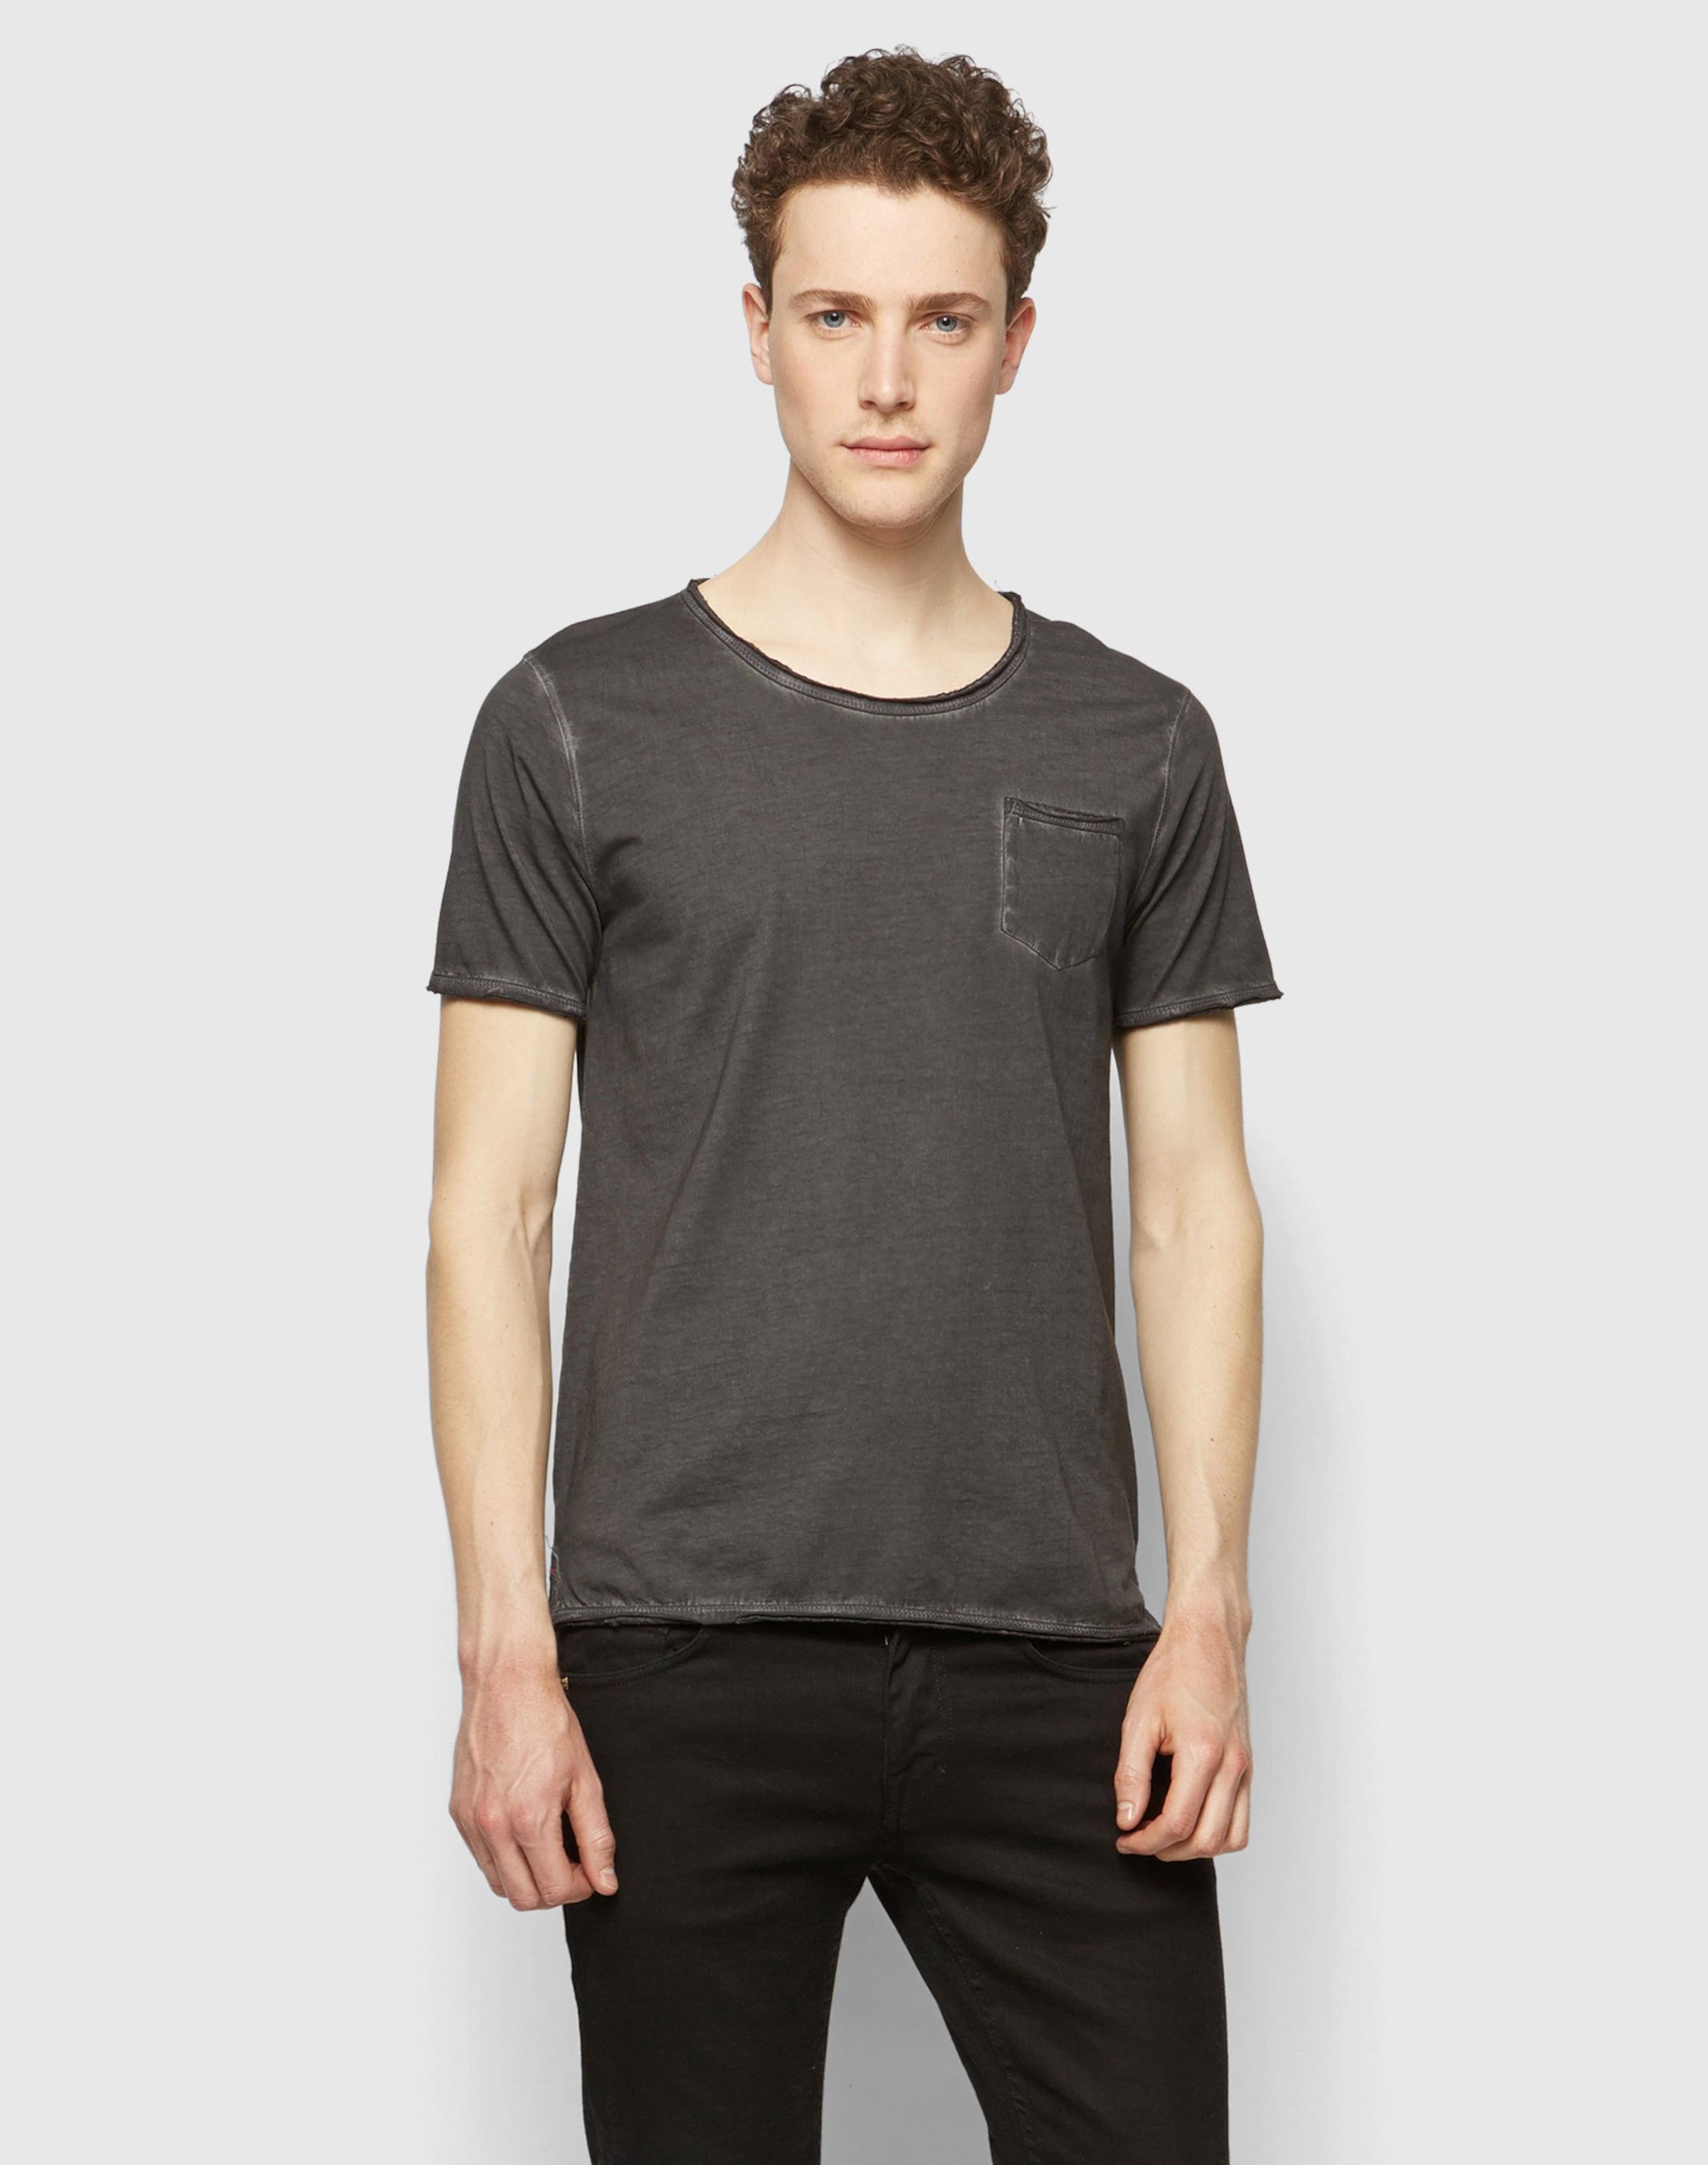 CINQUE T-Shirt mit Brusttasche 'Cirico' Spielraum Große Überraschung Rabatt Suche Spielraum Günstig Online Die Billigsten Kostenloser Versand Shop 1JRujsCY